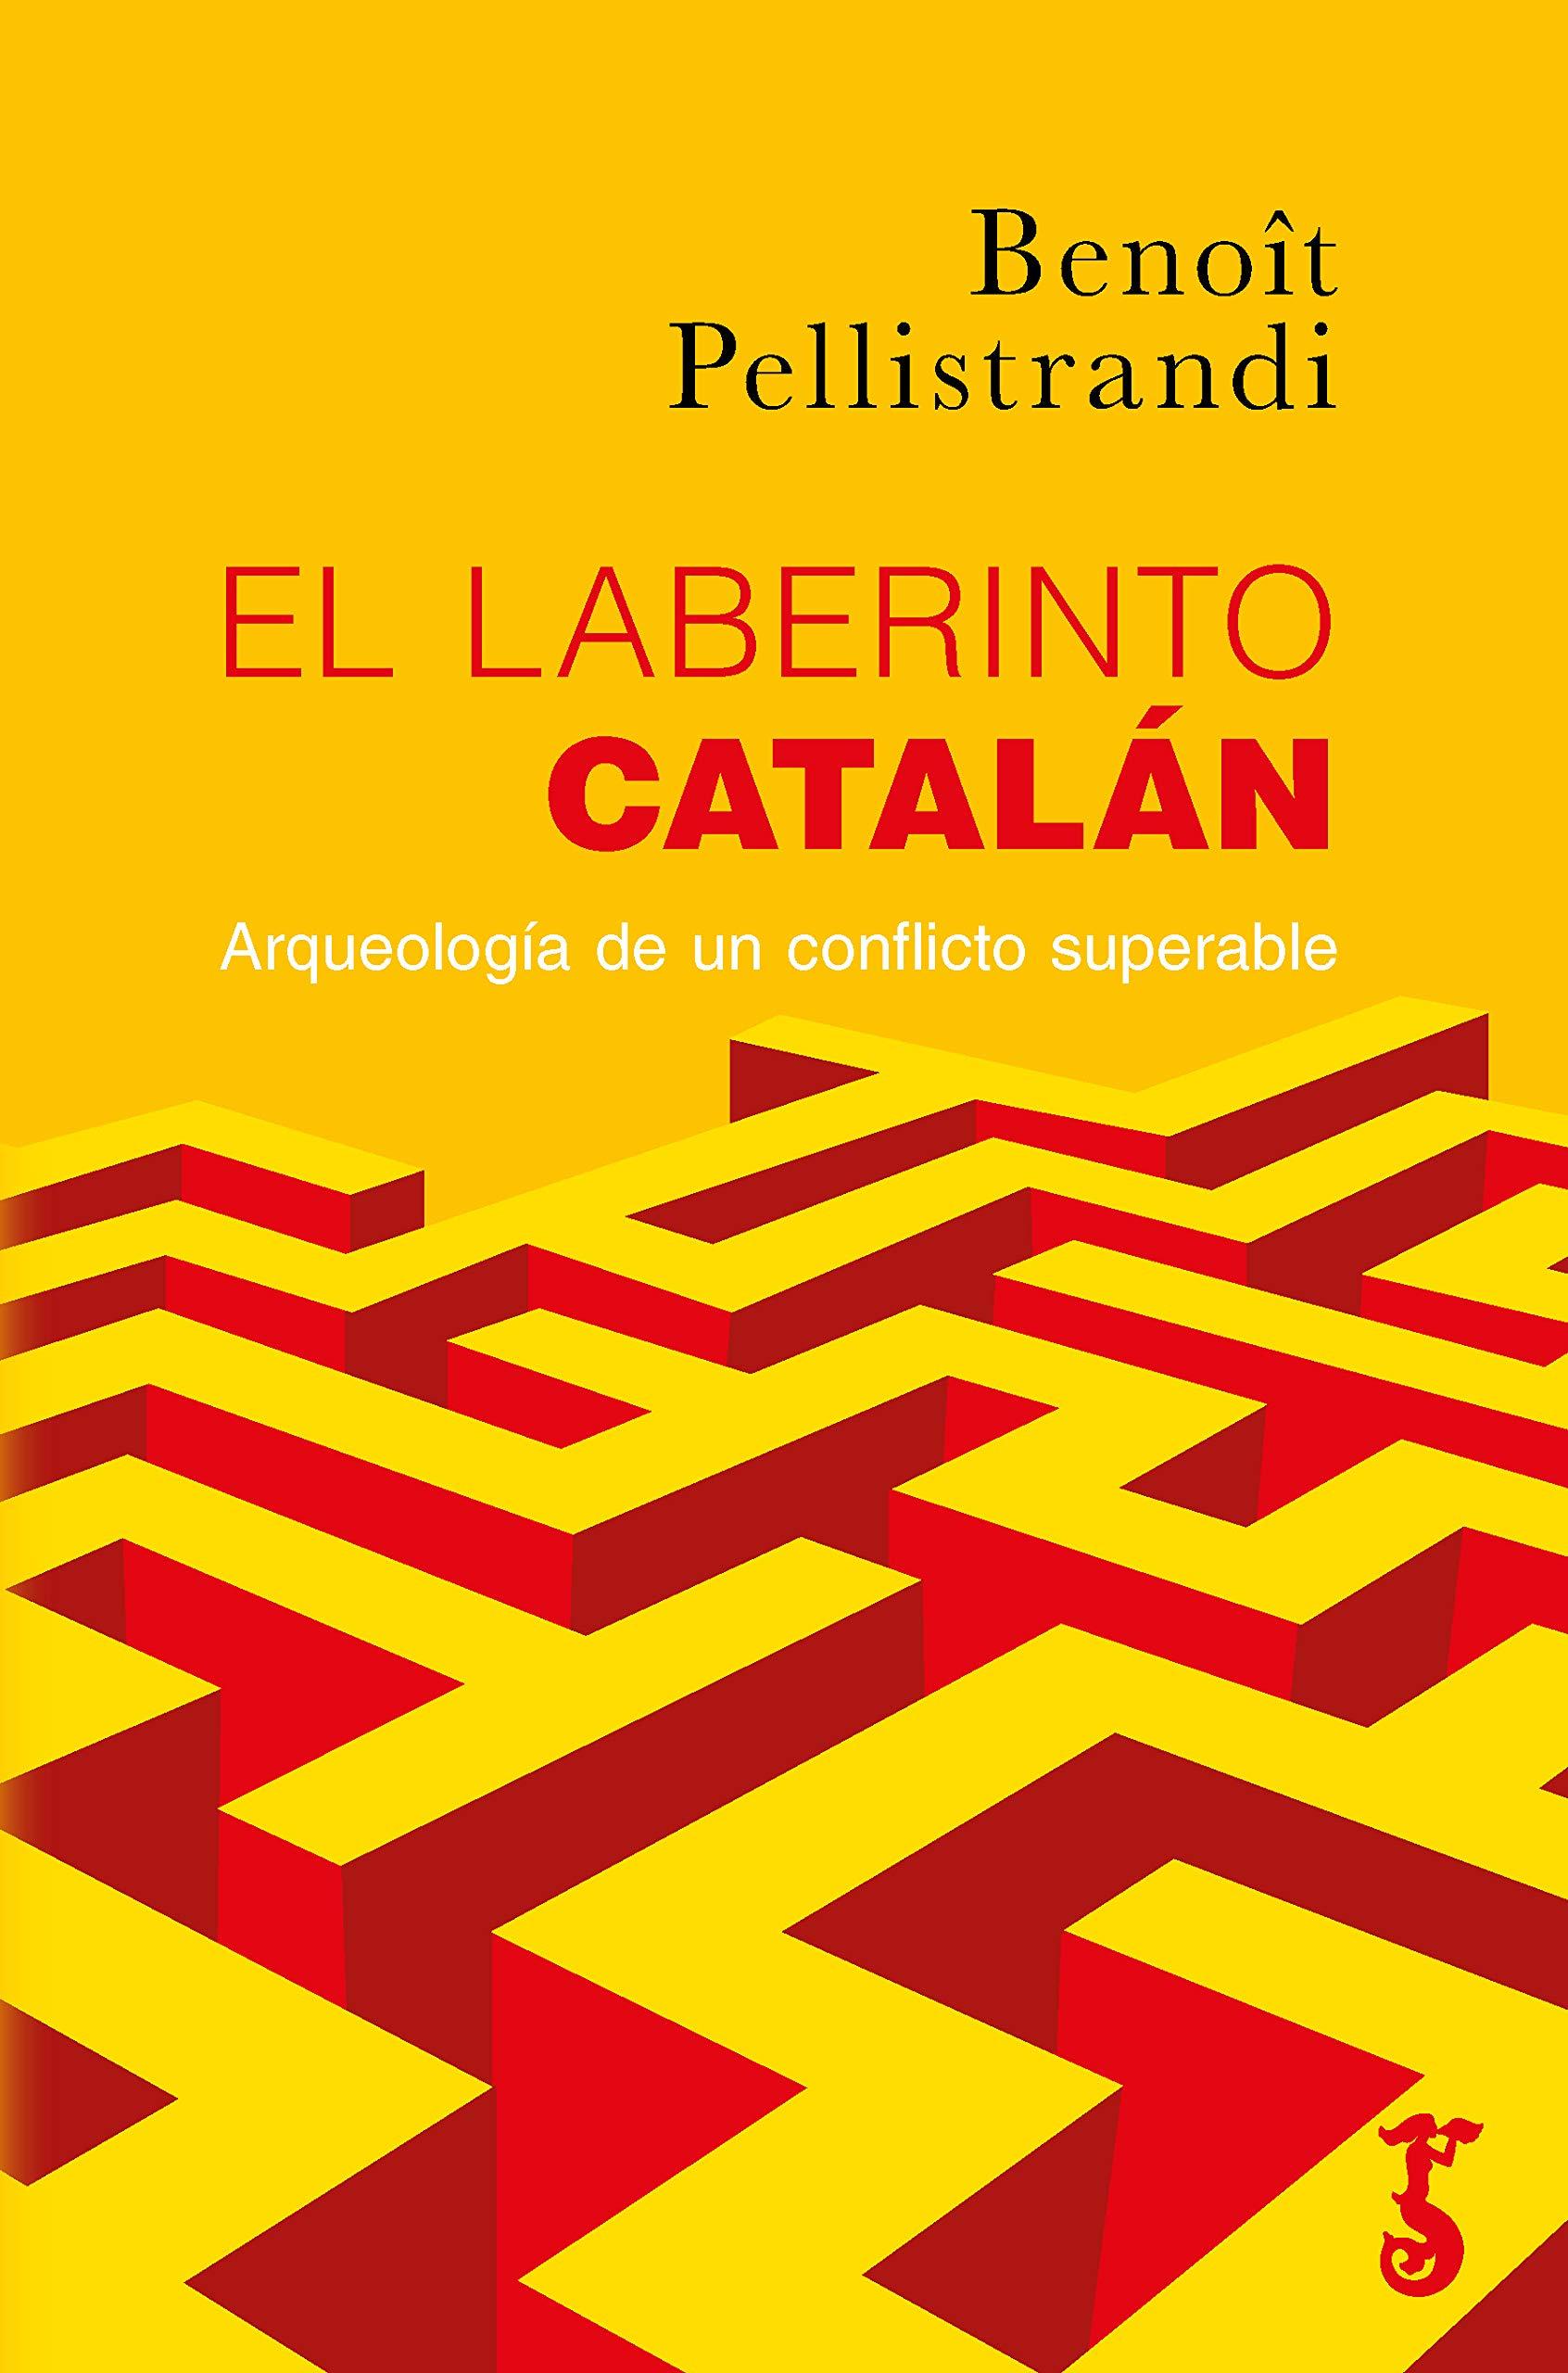 El Laberinto Catalán: Amazon.es: Pellistandri, Benoît: Libros